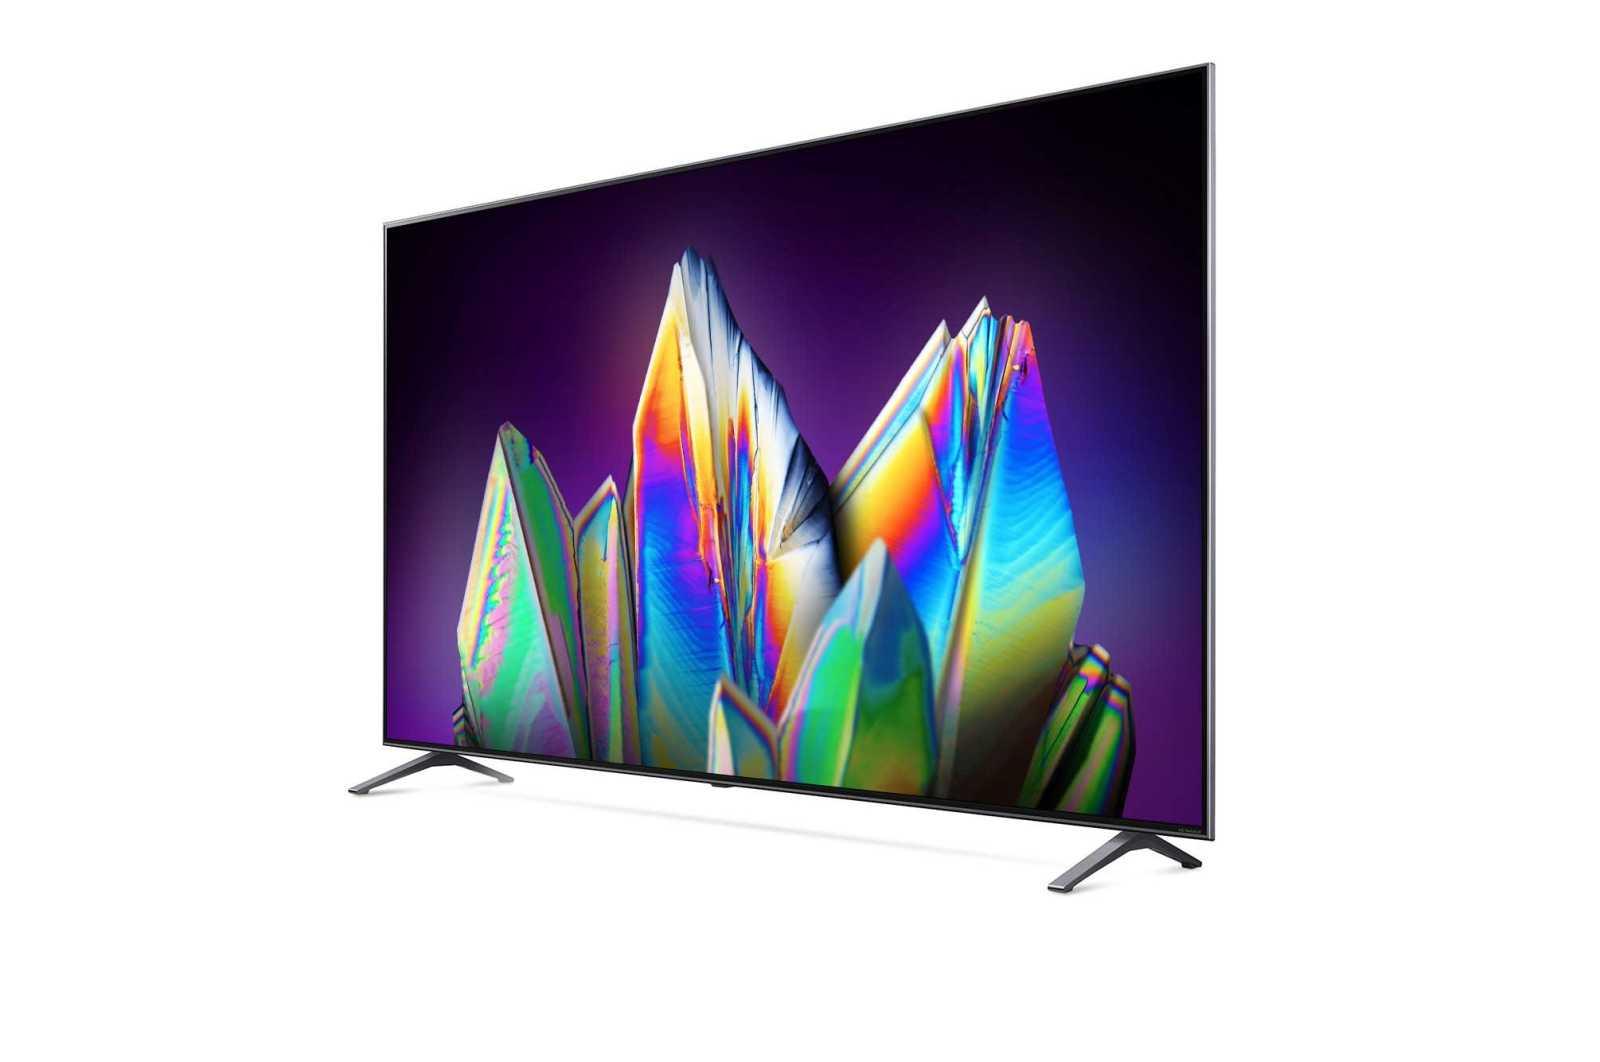 Известная компания LGElectronics порадовала свою целевую аудиторию новым монитором выпущенным под названием 32UN650-W Модель получила качественный IPS-экран с